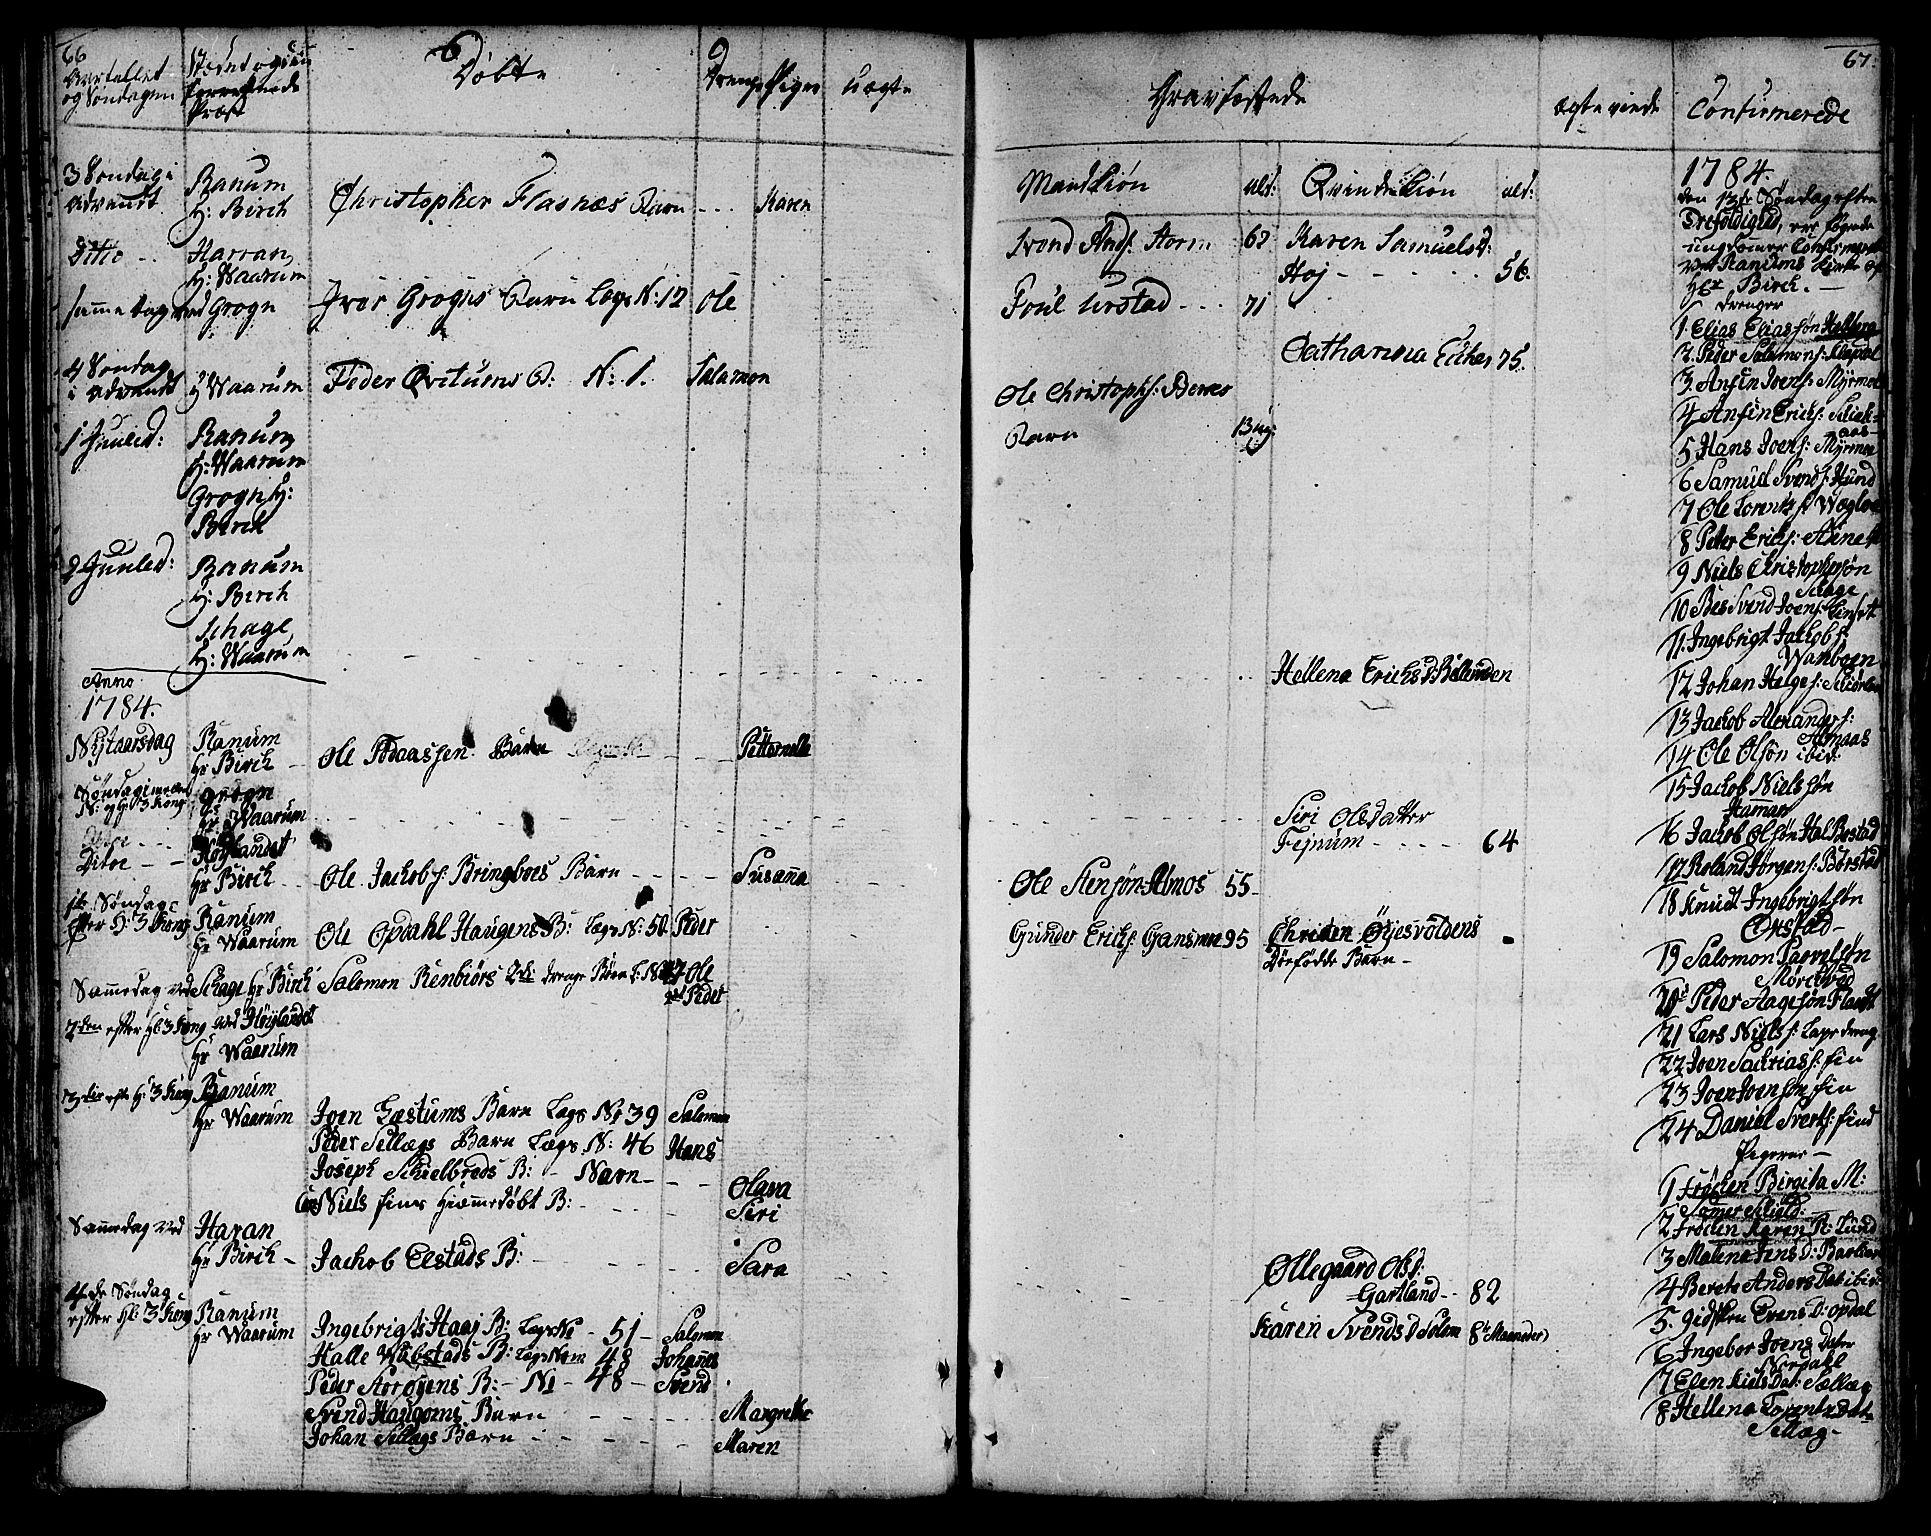 SAT, Ministerialprotokoller, klokkerbøker og fødselsregistre - Nord-Trøndelag, 764/L0544: Ministerialbok nr. 764A04, 1780-1798, s. 66-67